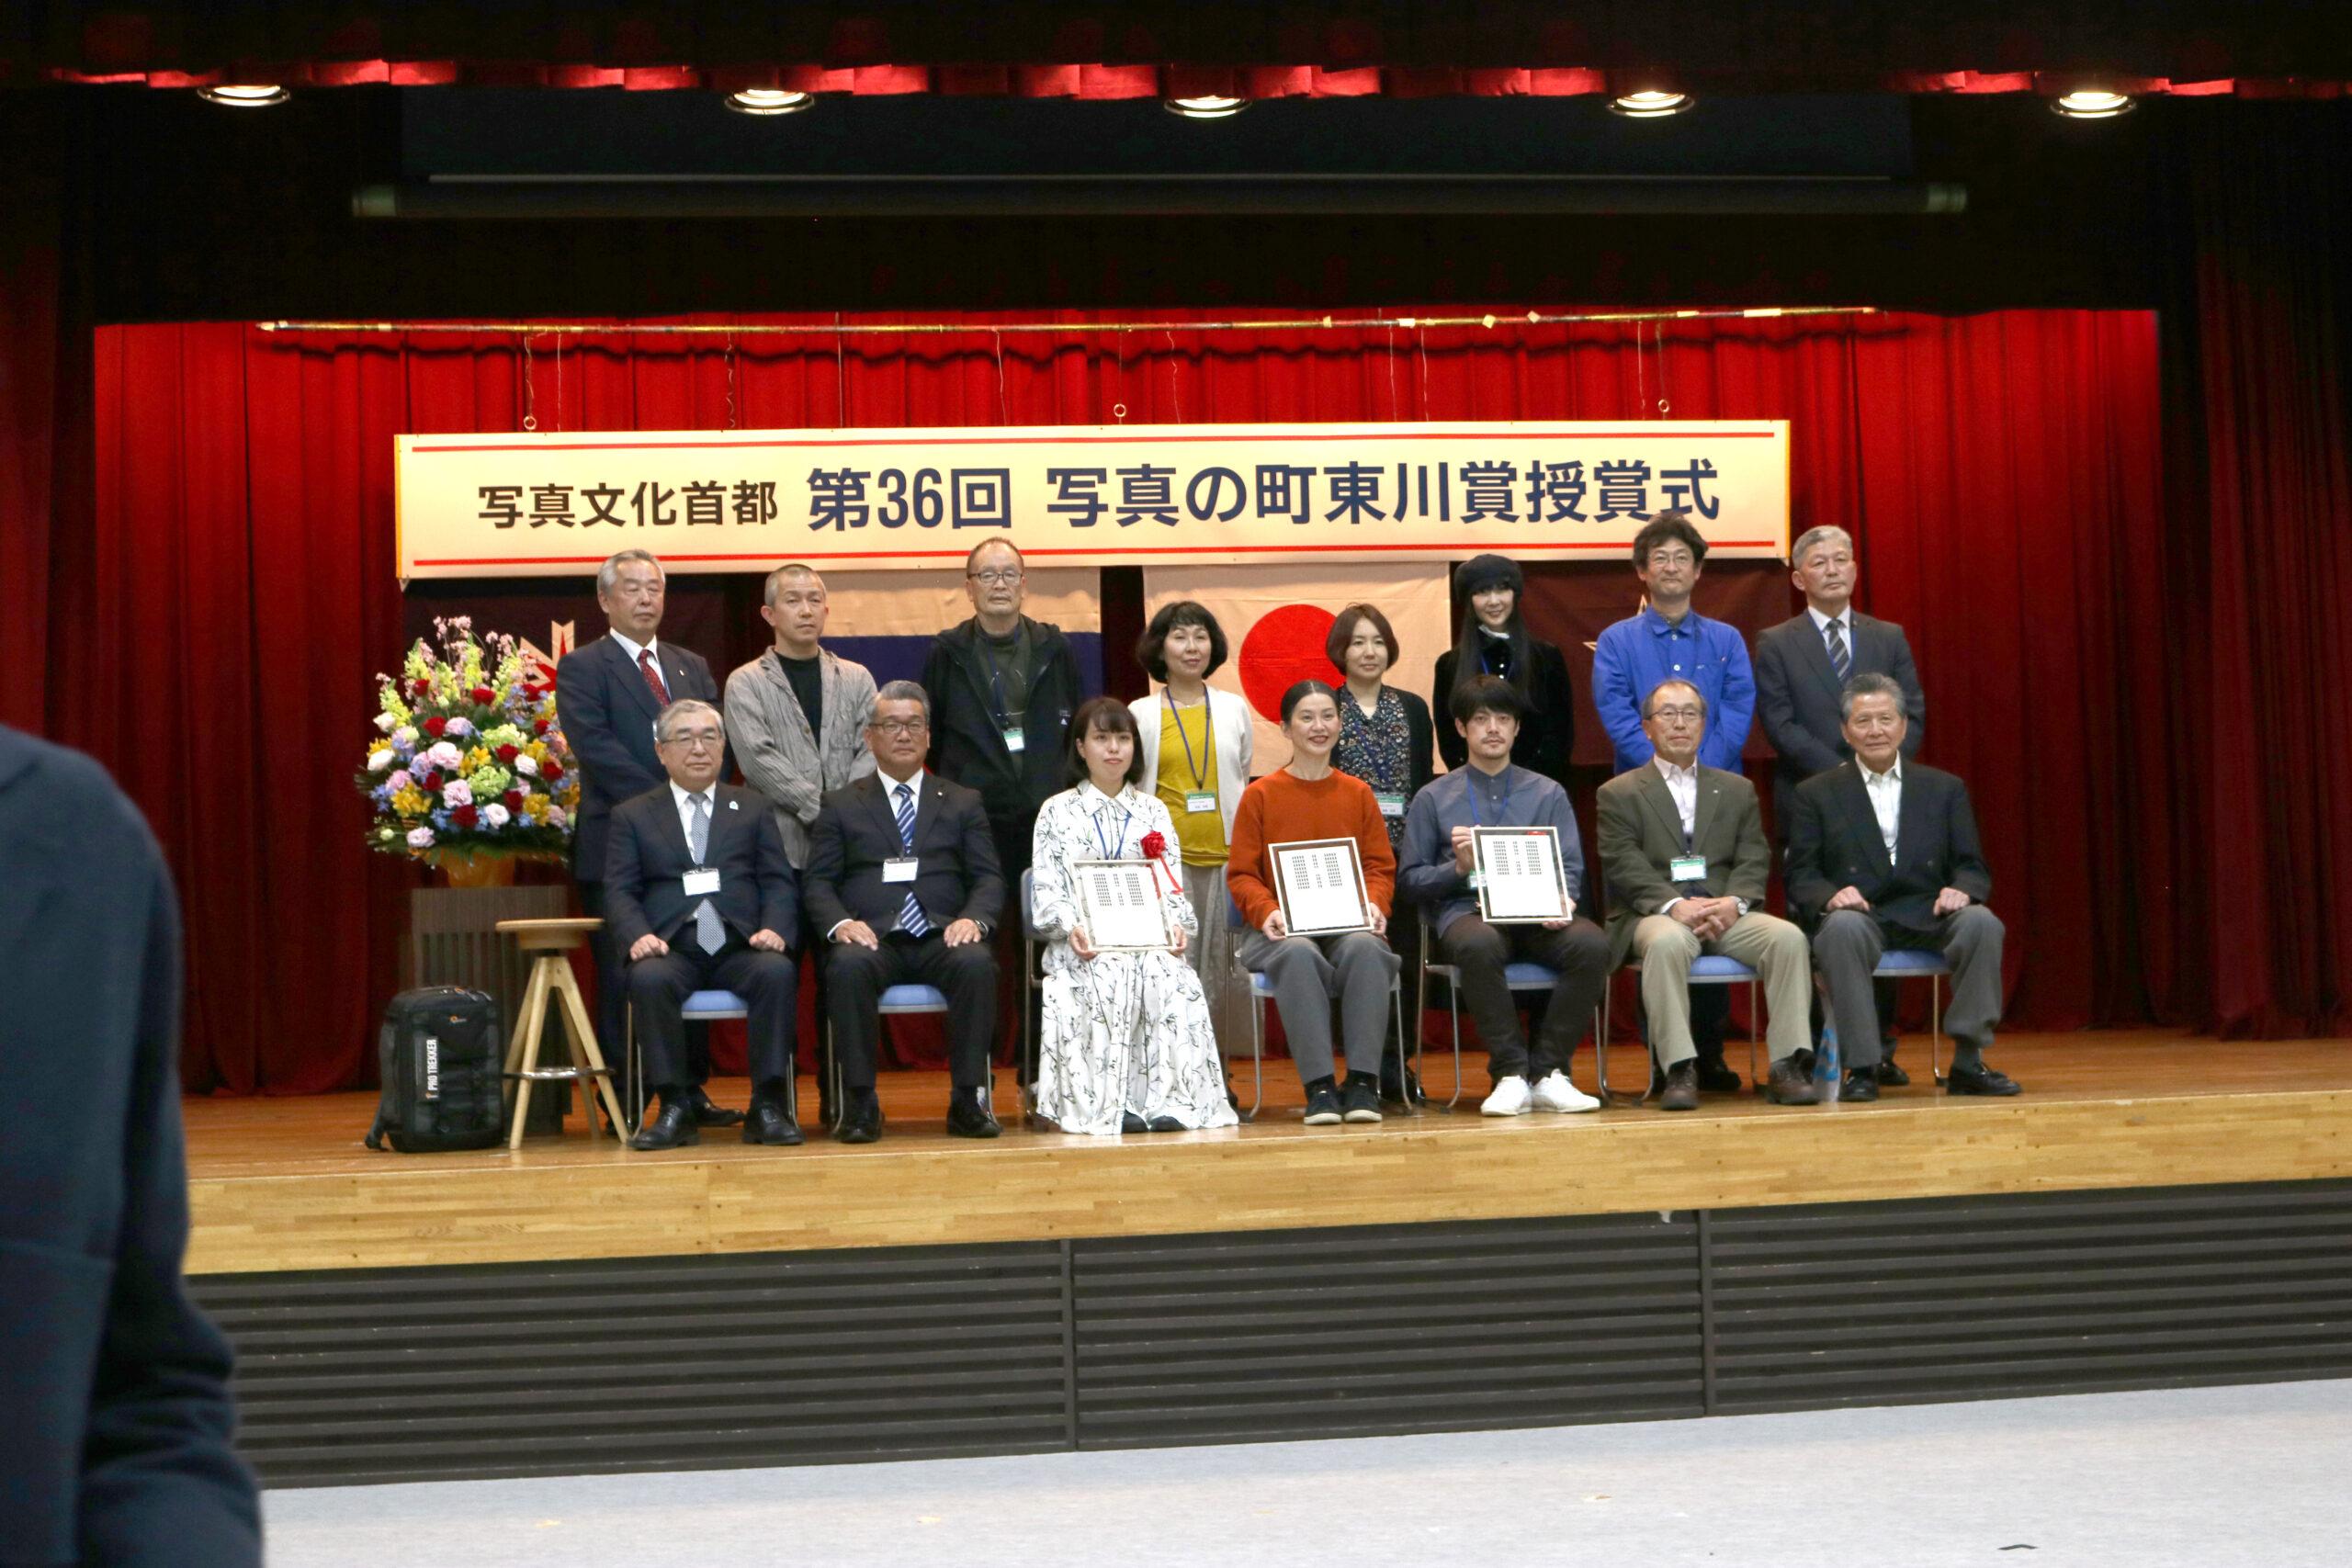 第36回東川町国際写真フェスティバルダイジェストムービーを公開しました